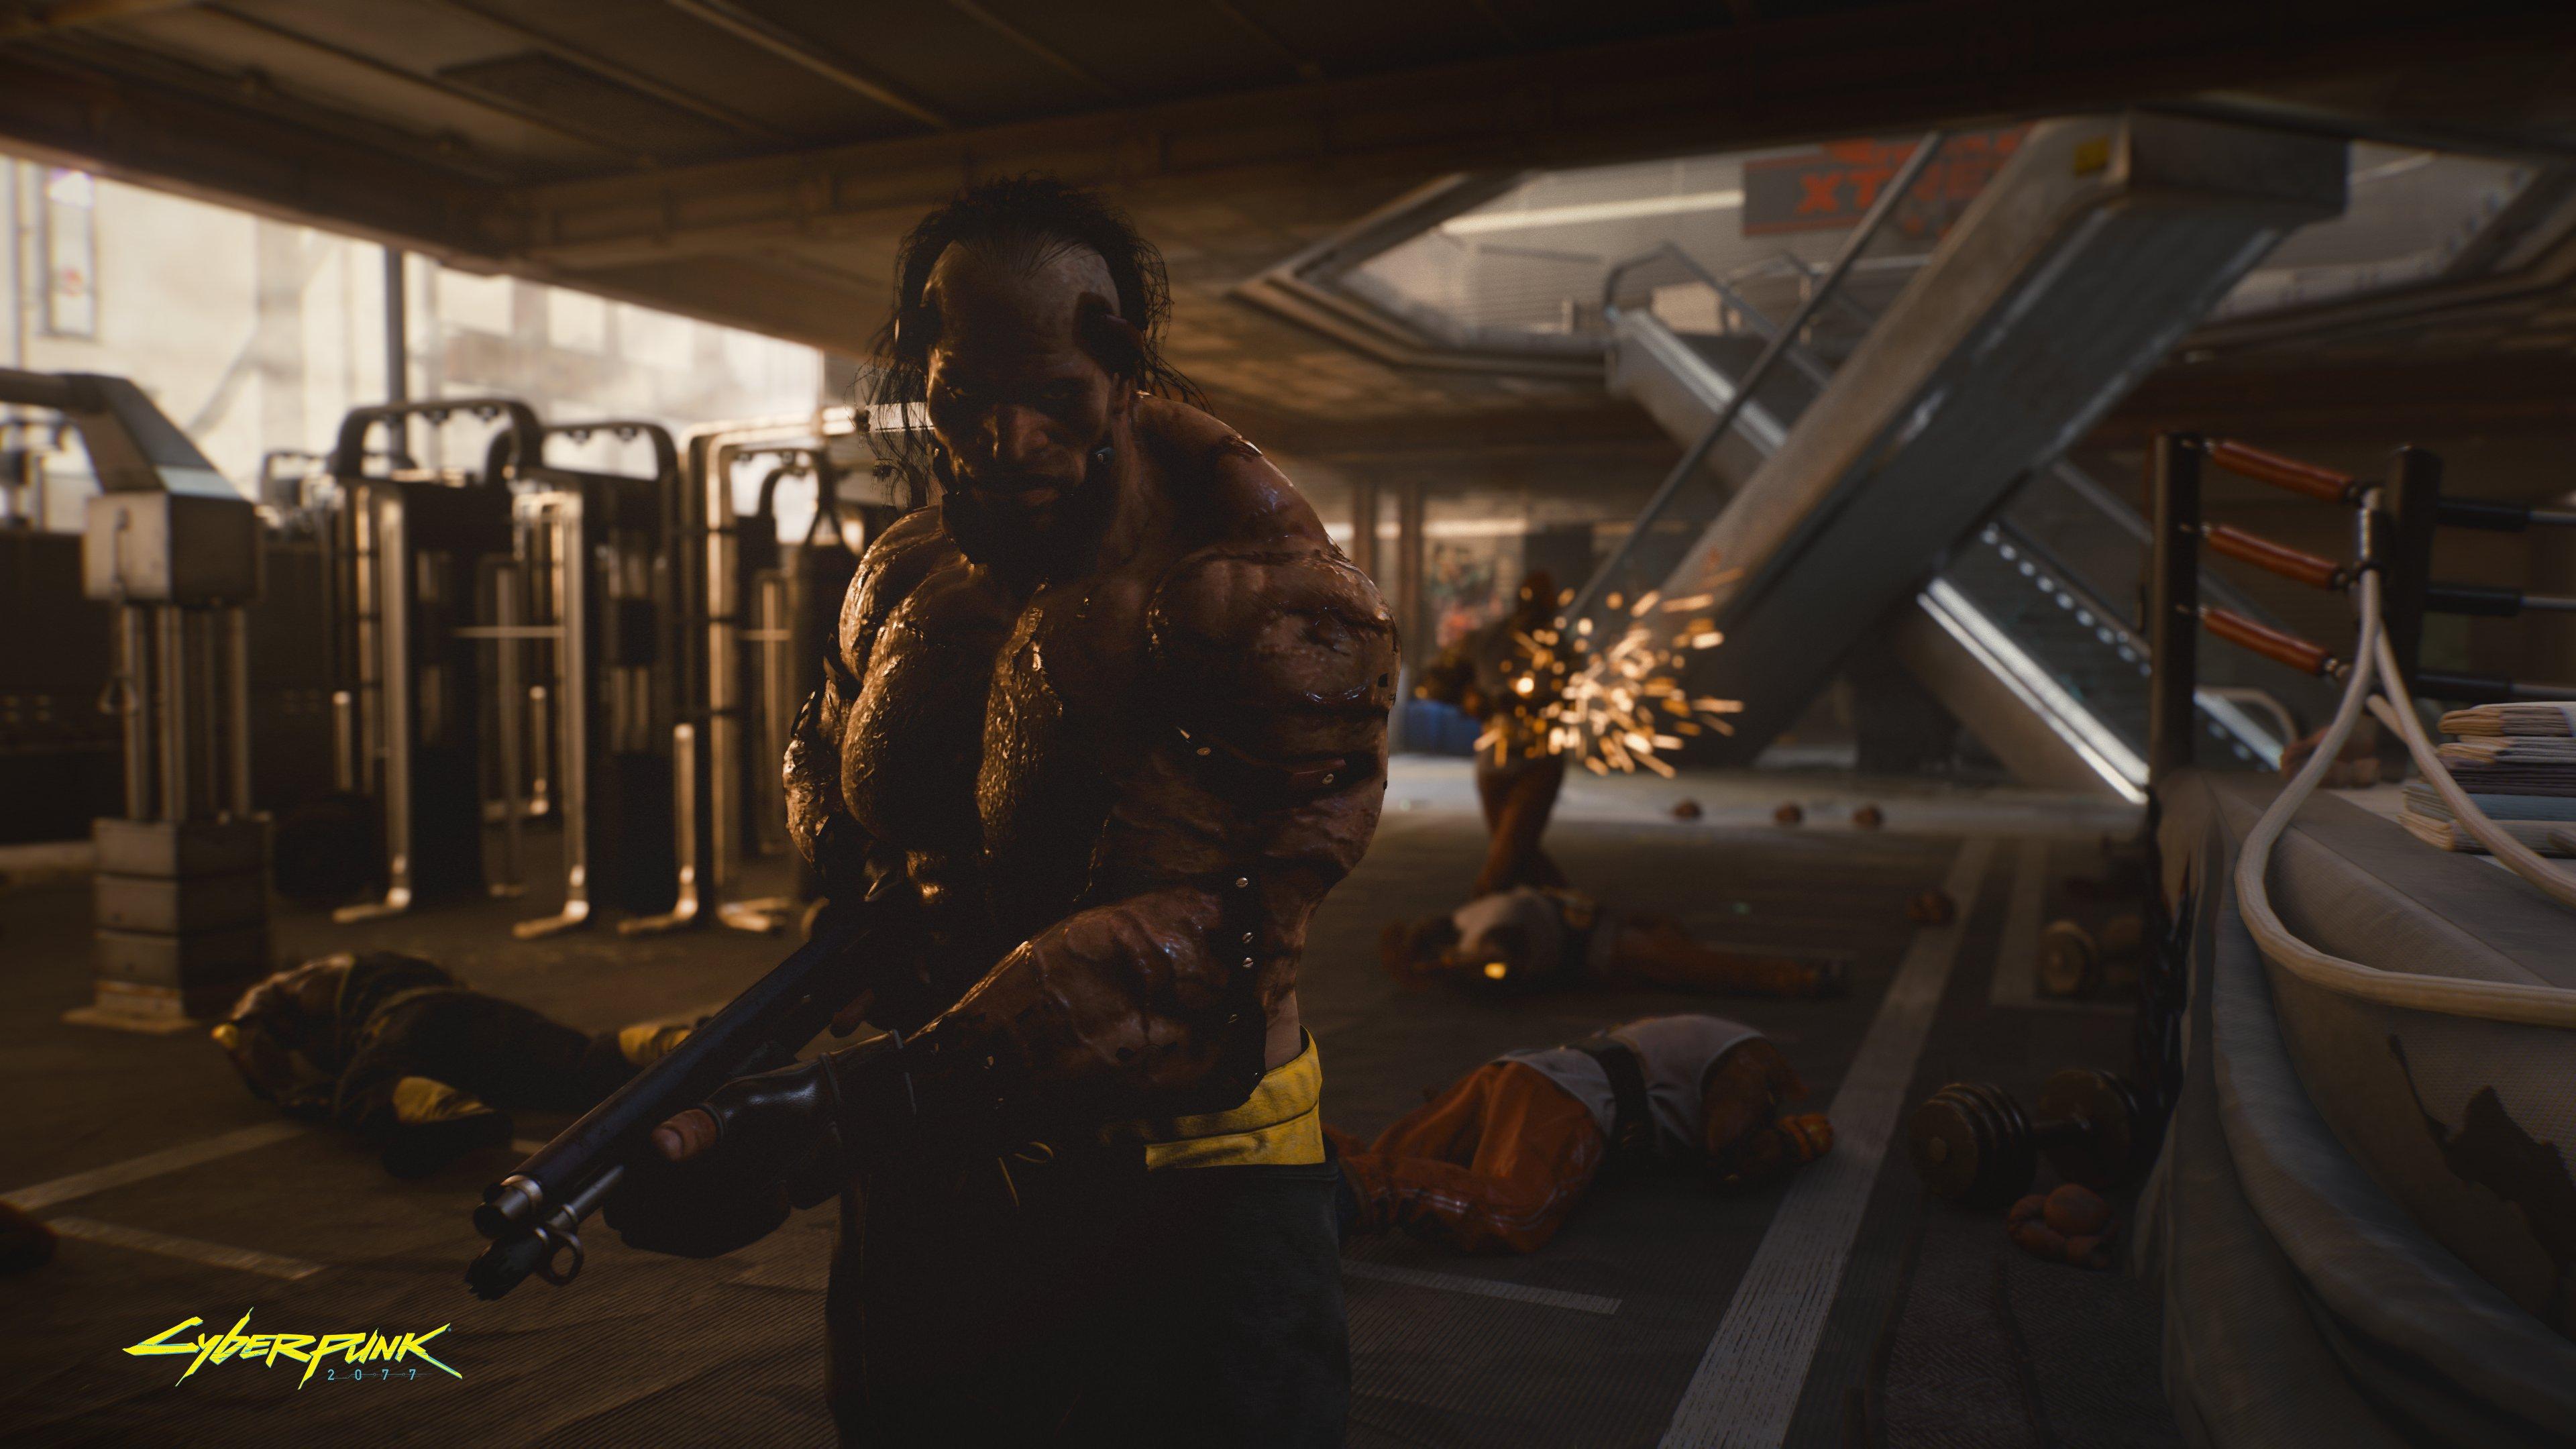 تصاویر جدیدی از بازی Cyberpunk 2077 منتشر شد